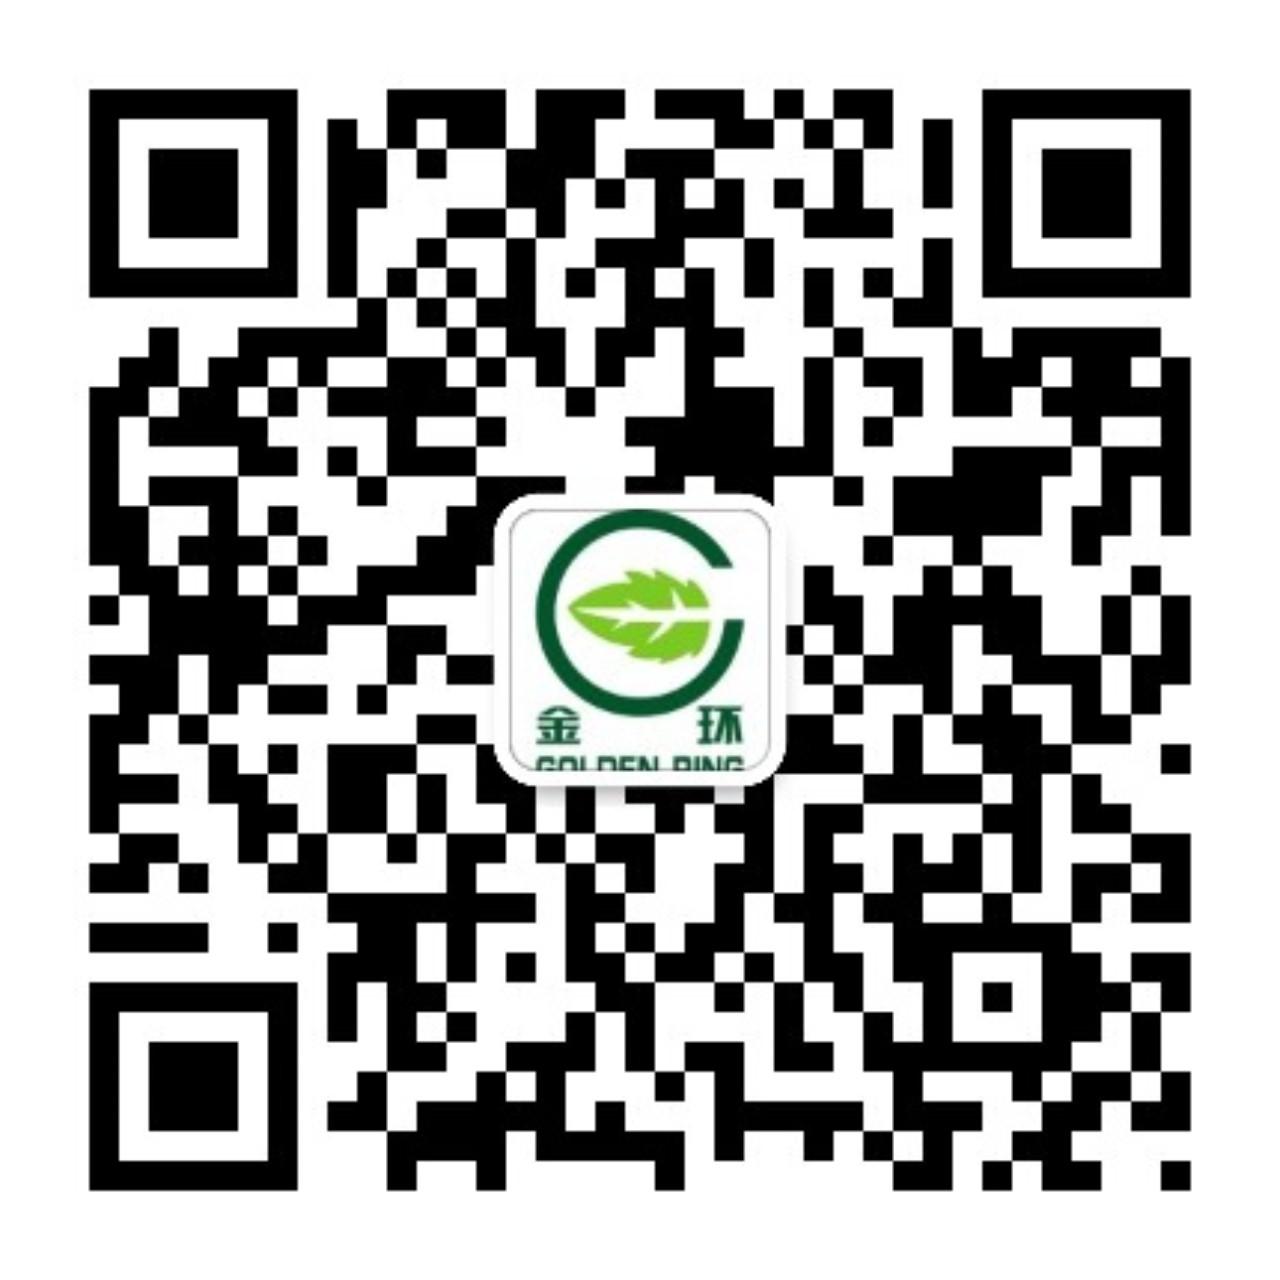 金环绿纤<br>微信订阅号